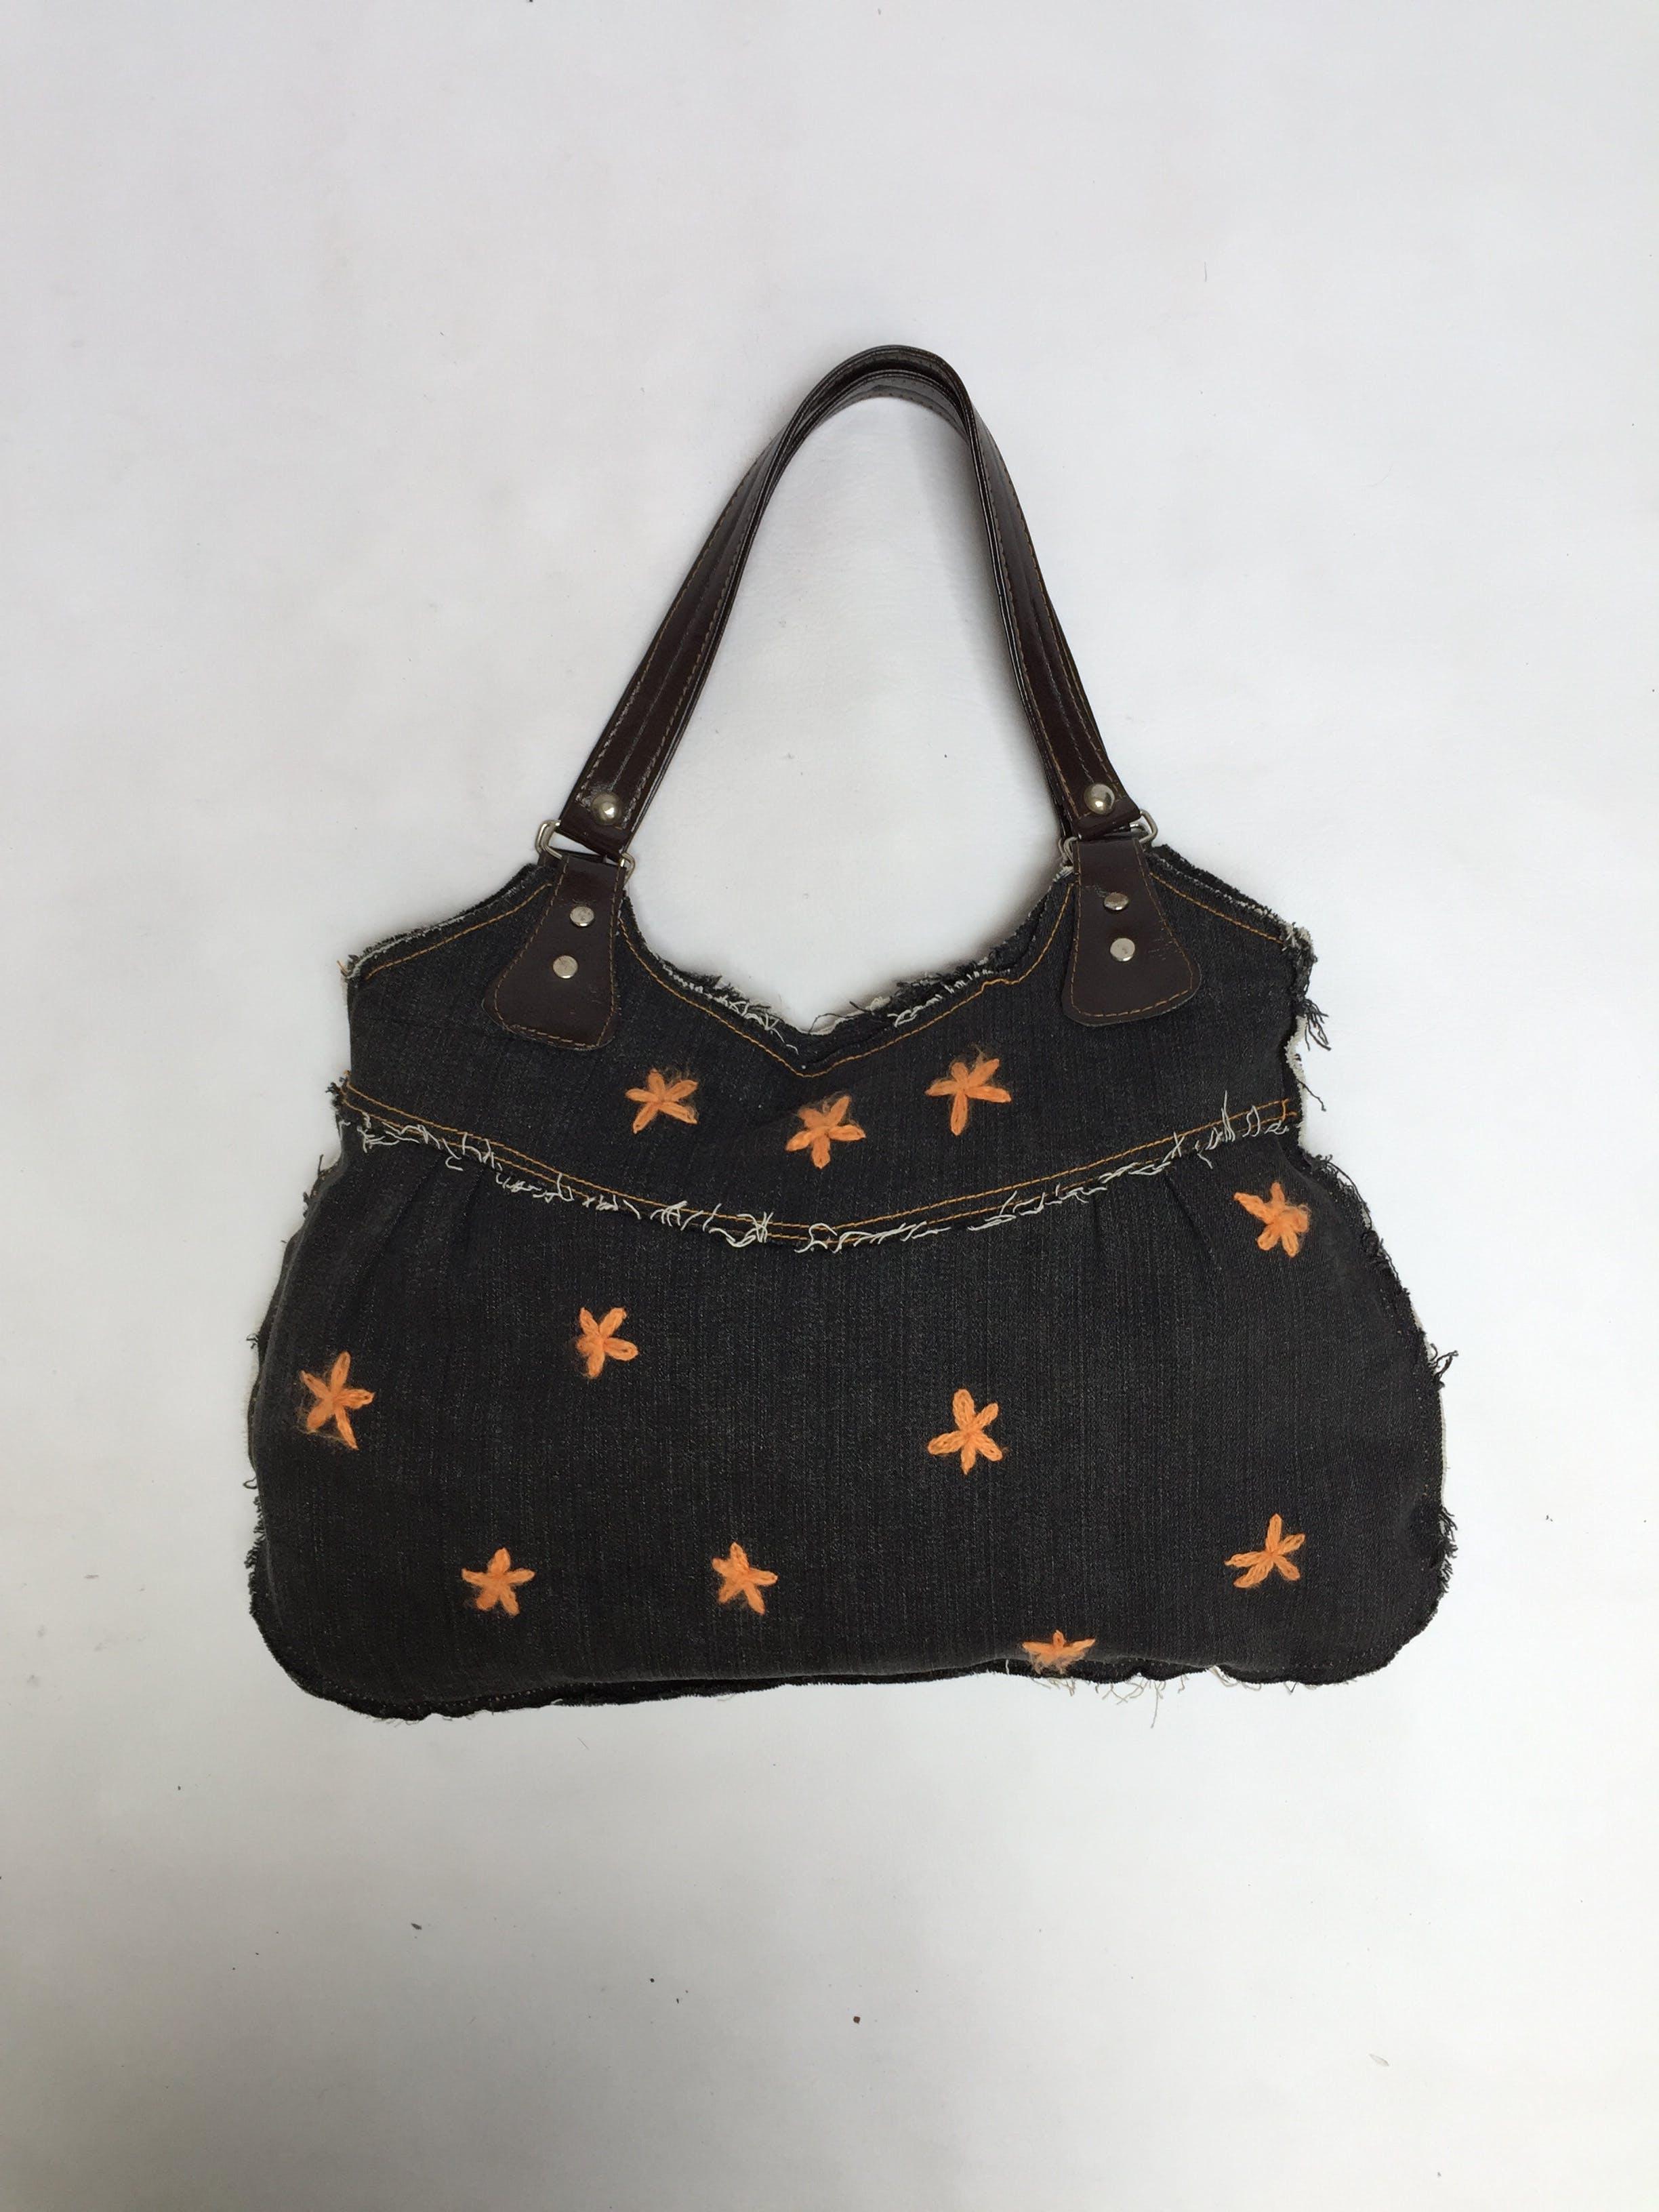 Bolso de jean con flores bordadas en lana naranja y bordes deshilachados, asas marrones y cierre negro, lleva forro. Estado: 9.5/10 Alto: 27 cm Largo: 43 cm